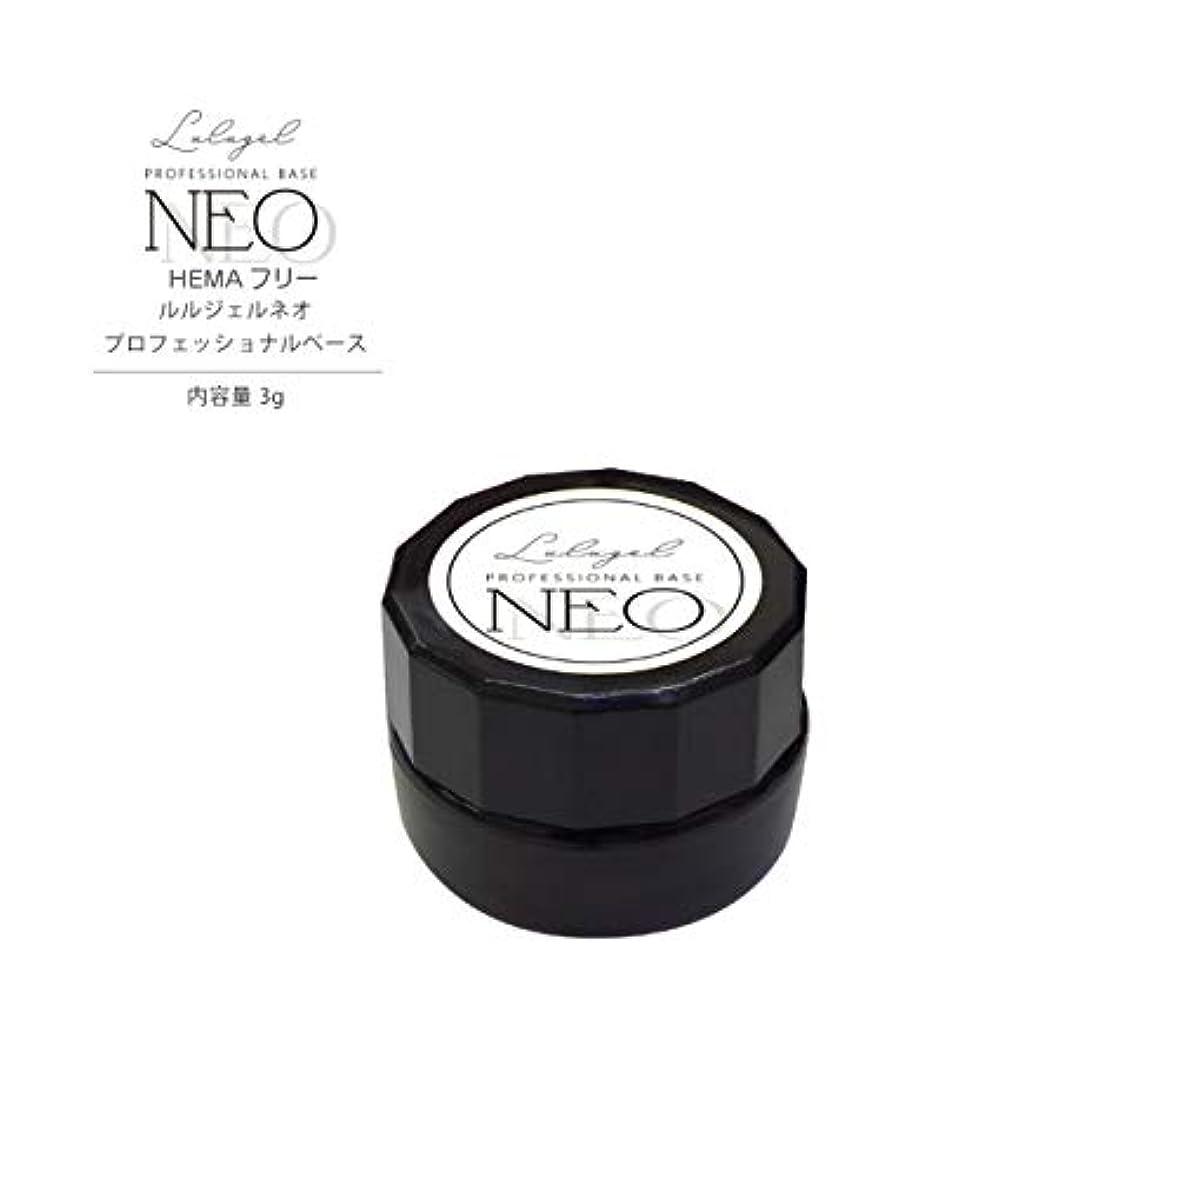 類似性かもめエッセンス最新 ジェルネイル LULUGEL NEO プロフェッショナル ベース 3g 爪用化粧料